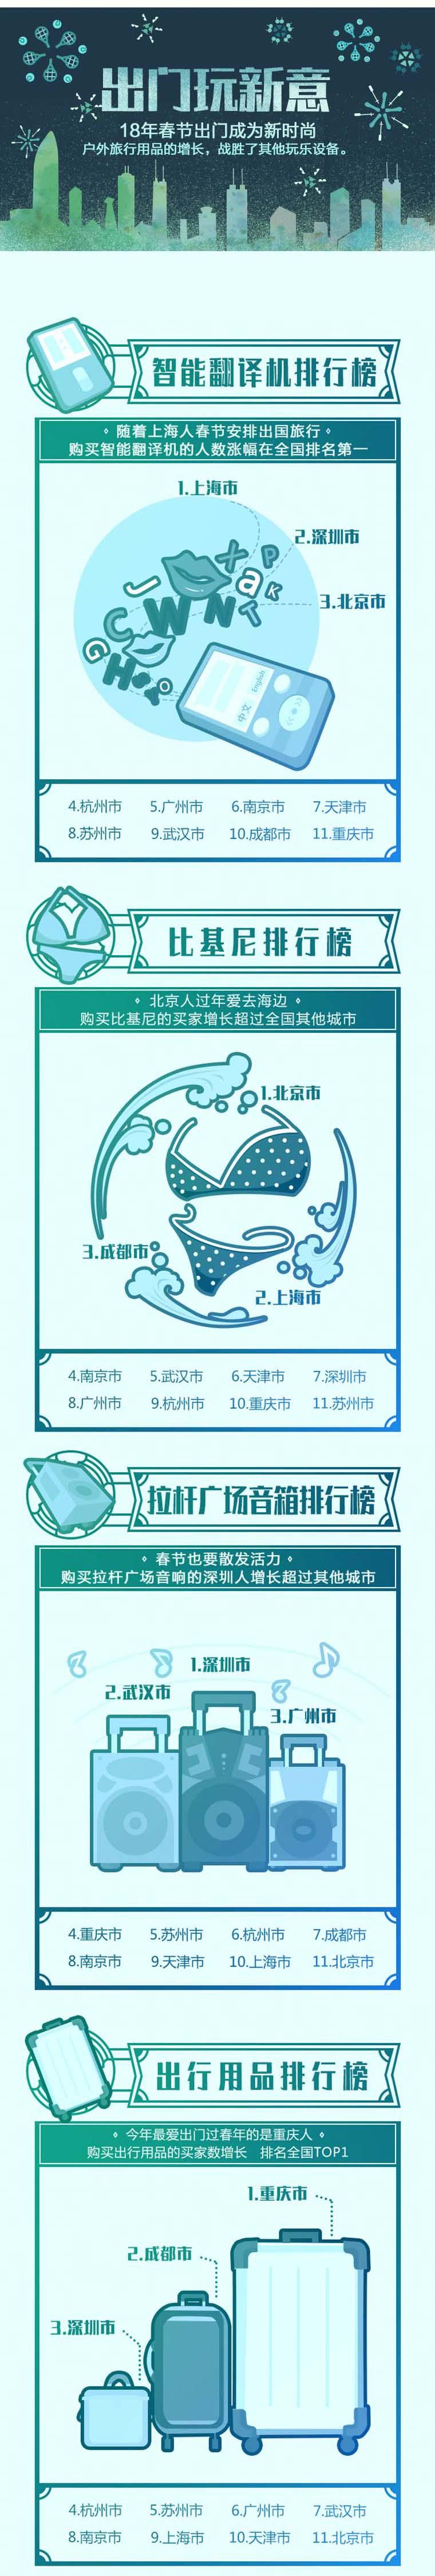 天猫年终权威发布:看正确的春节打开方式